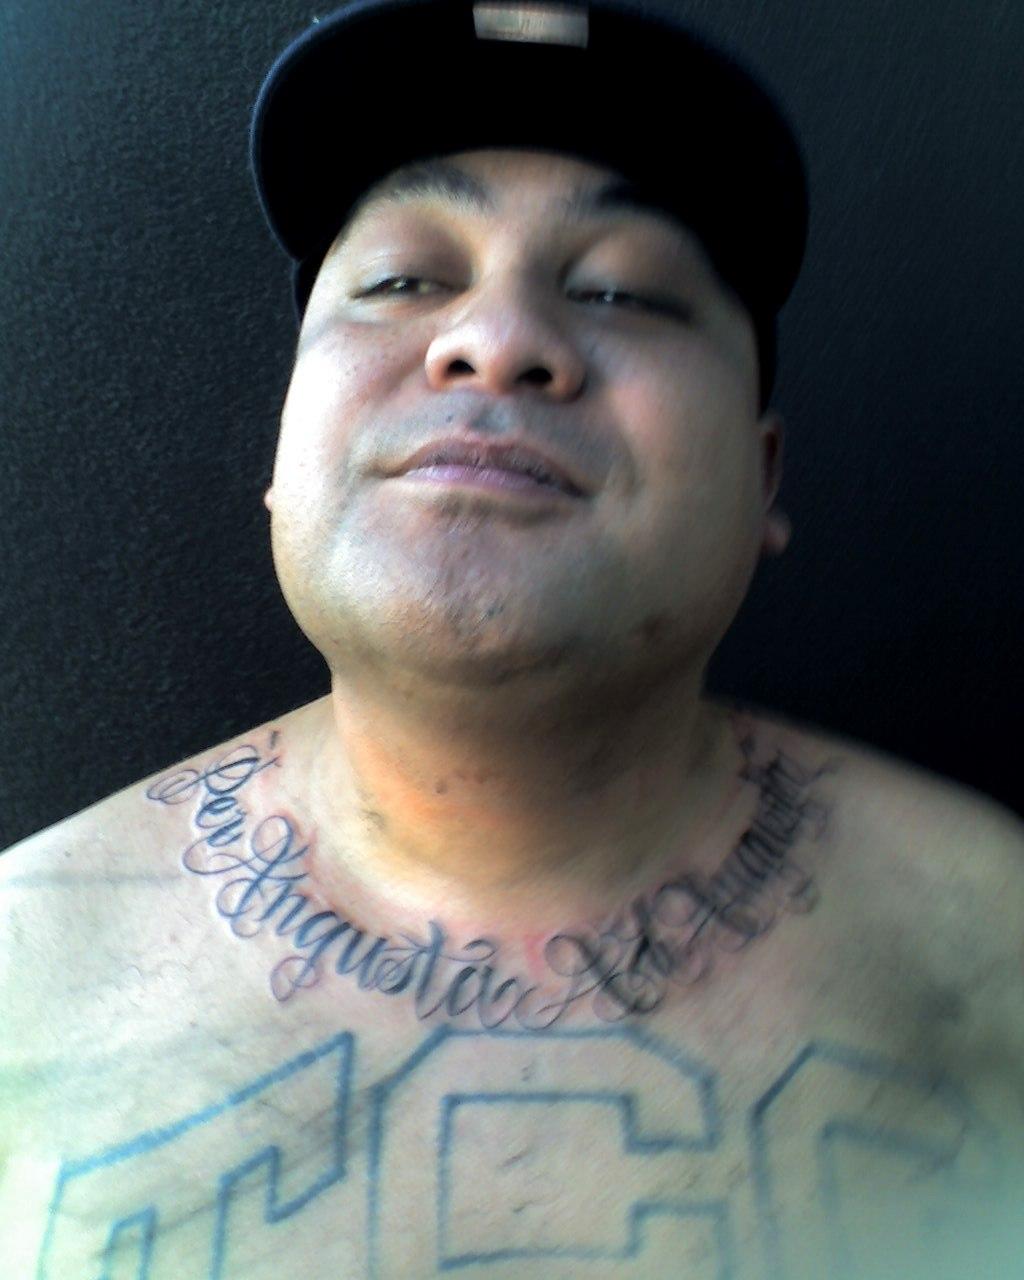 http://4.bp.blogspot.com/_M-xiin8TNpU/TBsroCkSeGI/AAAAAAAAA64/vHkJBiYzqHI/s1600/media1(7).jpeg